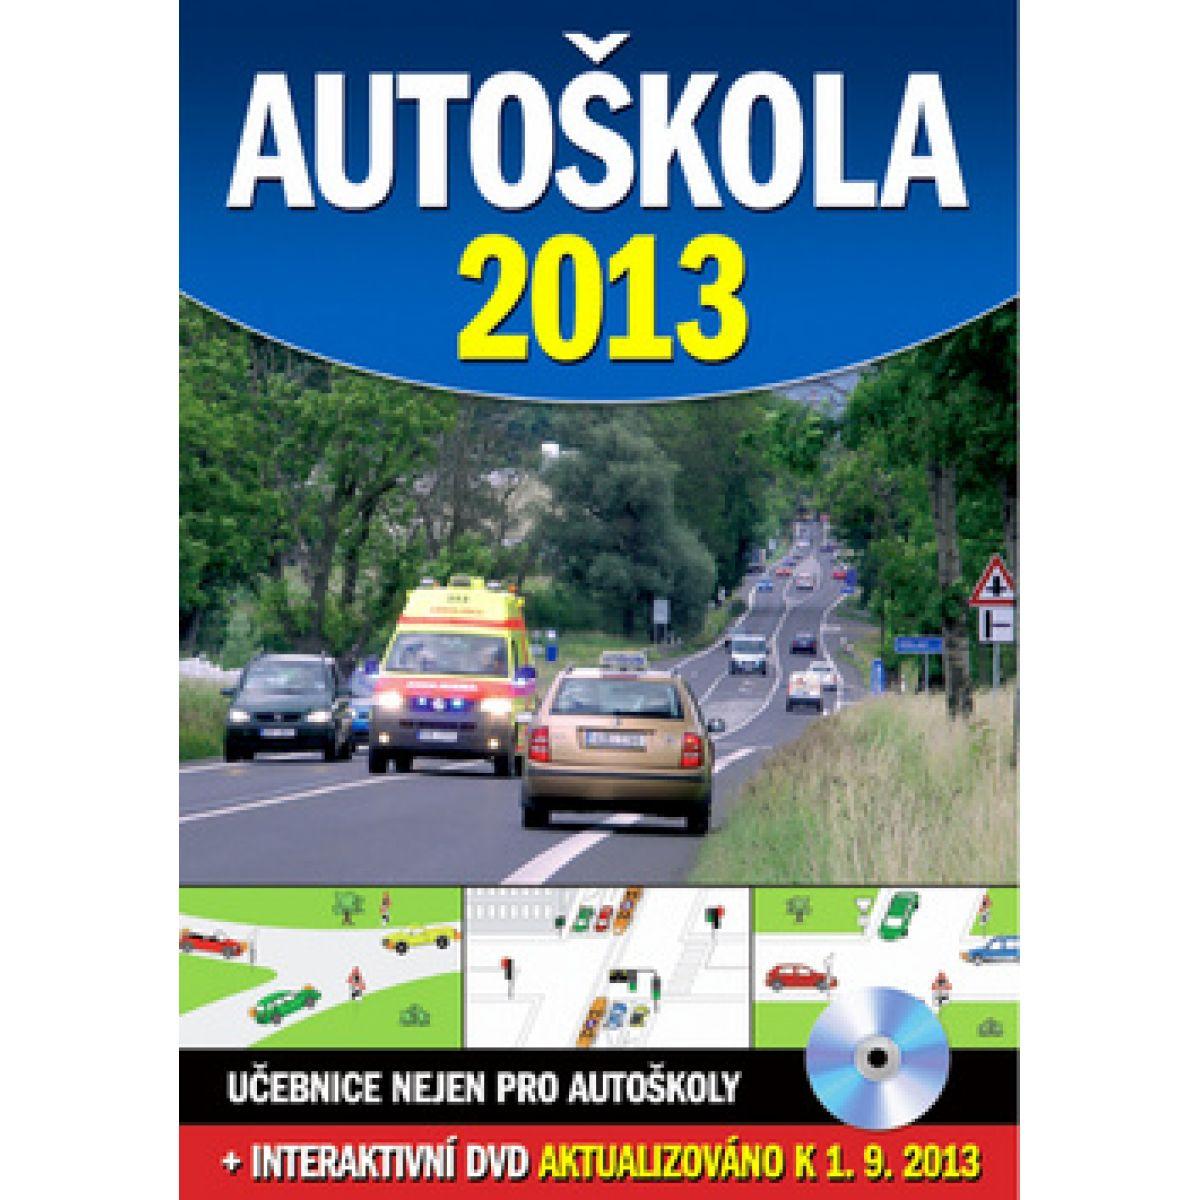 Autoškola 2013 + DVD, aktualizováno k 1.9.2013 CZE KNI